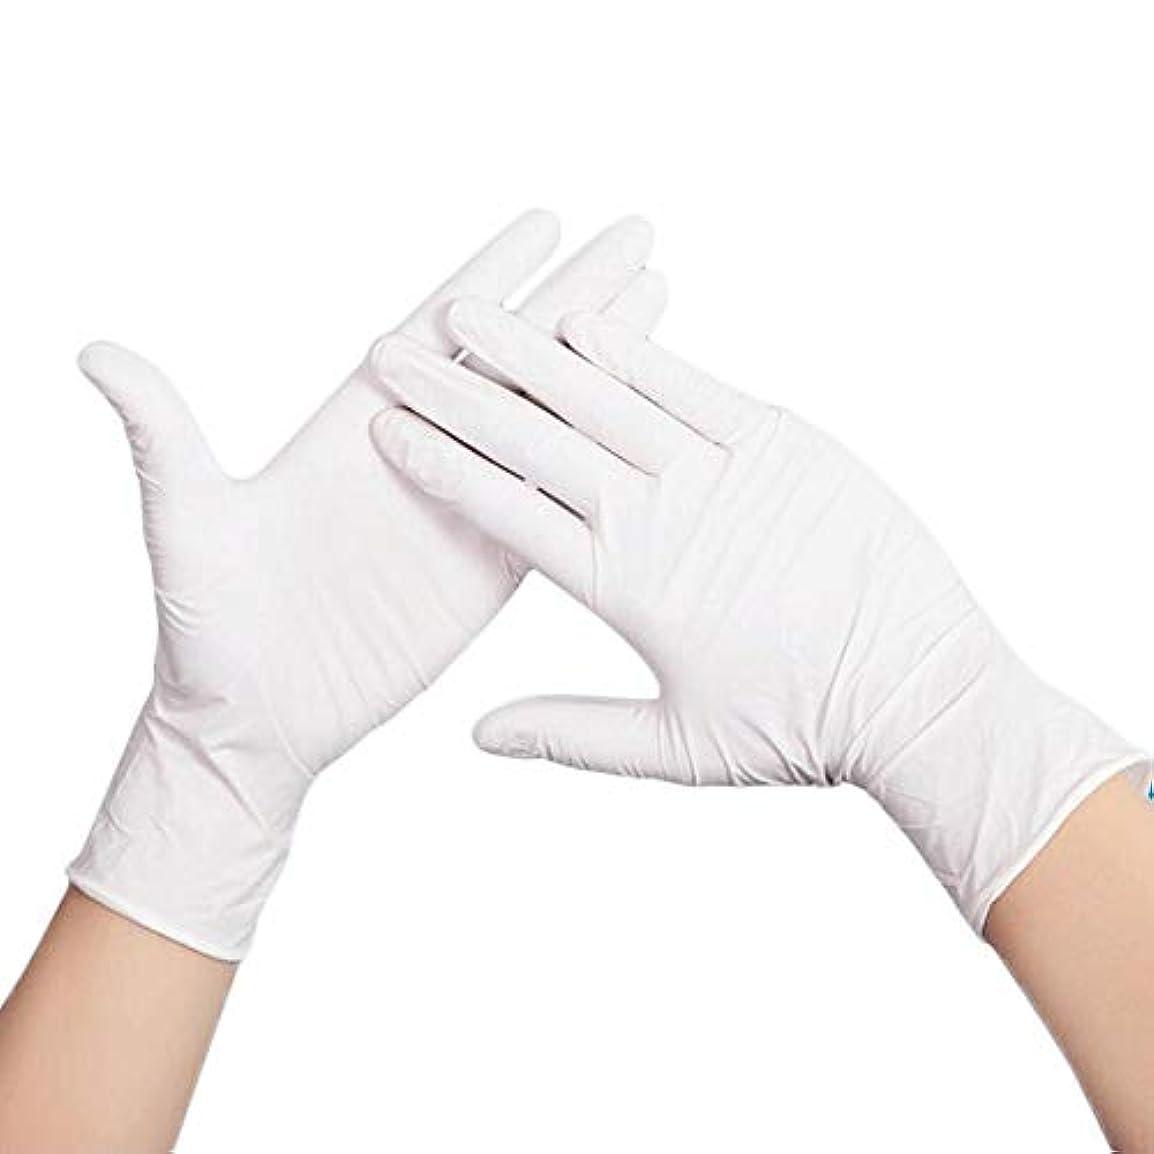 飢嘆くぶら下がる乳白色の11インチの使い捨て可能な粉体検査ゴムラテックス手袋 - 着用が簡単で快適なフィット YANW (色 : A, サイズ さいず : M m)